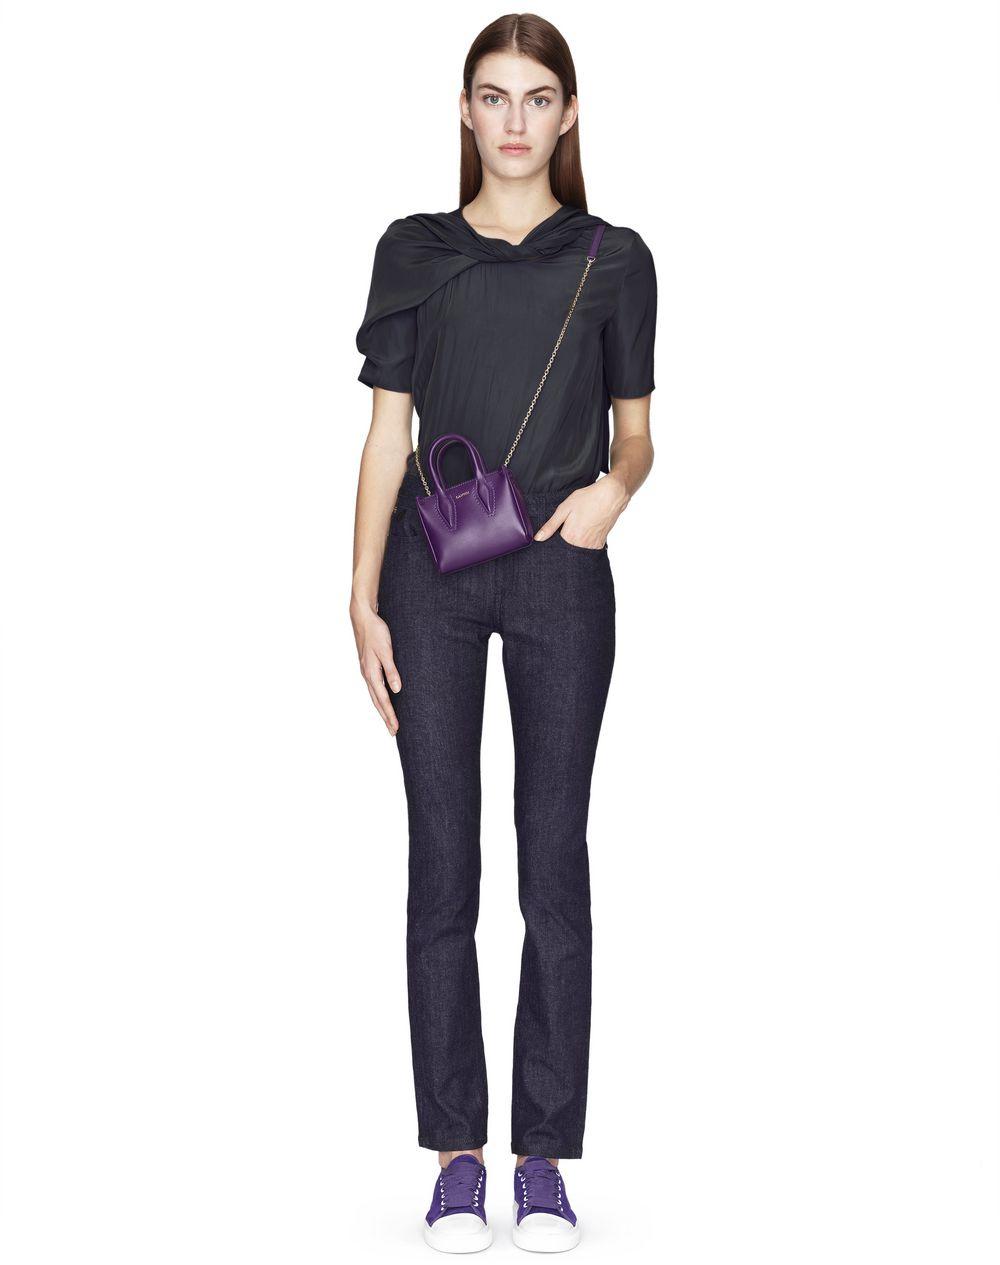 Pantalon en denim de coton tissé couleur indigo Lanvin – Prix €490